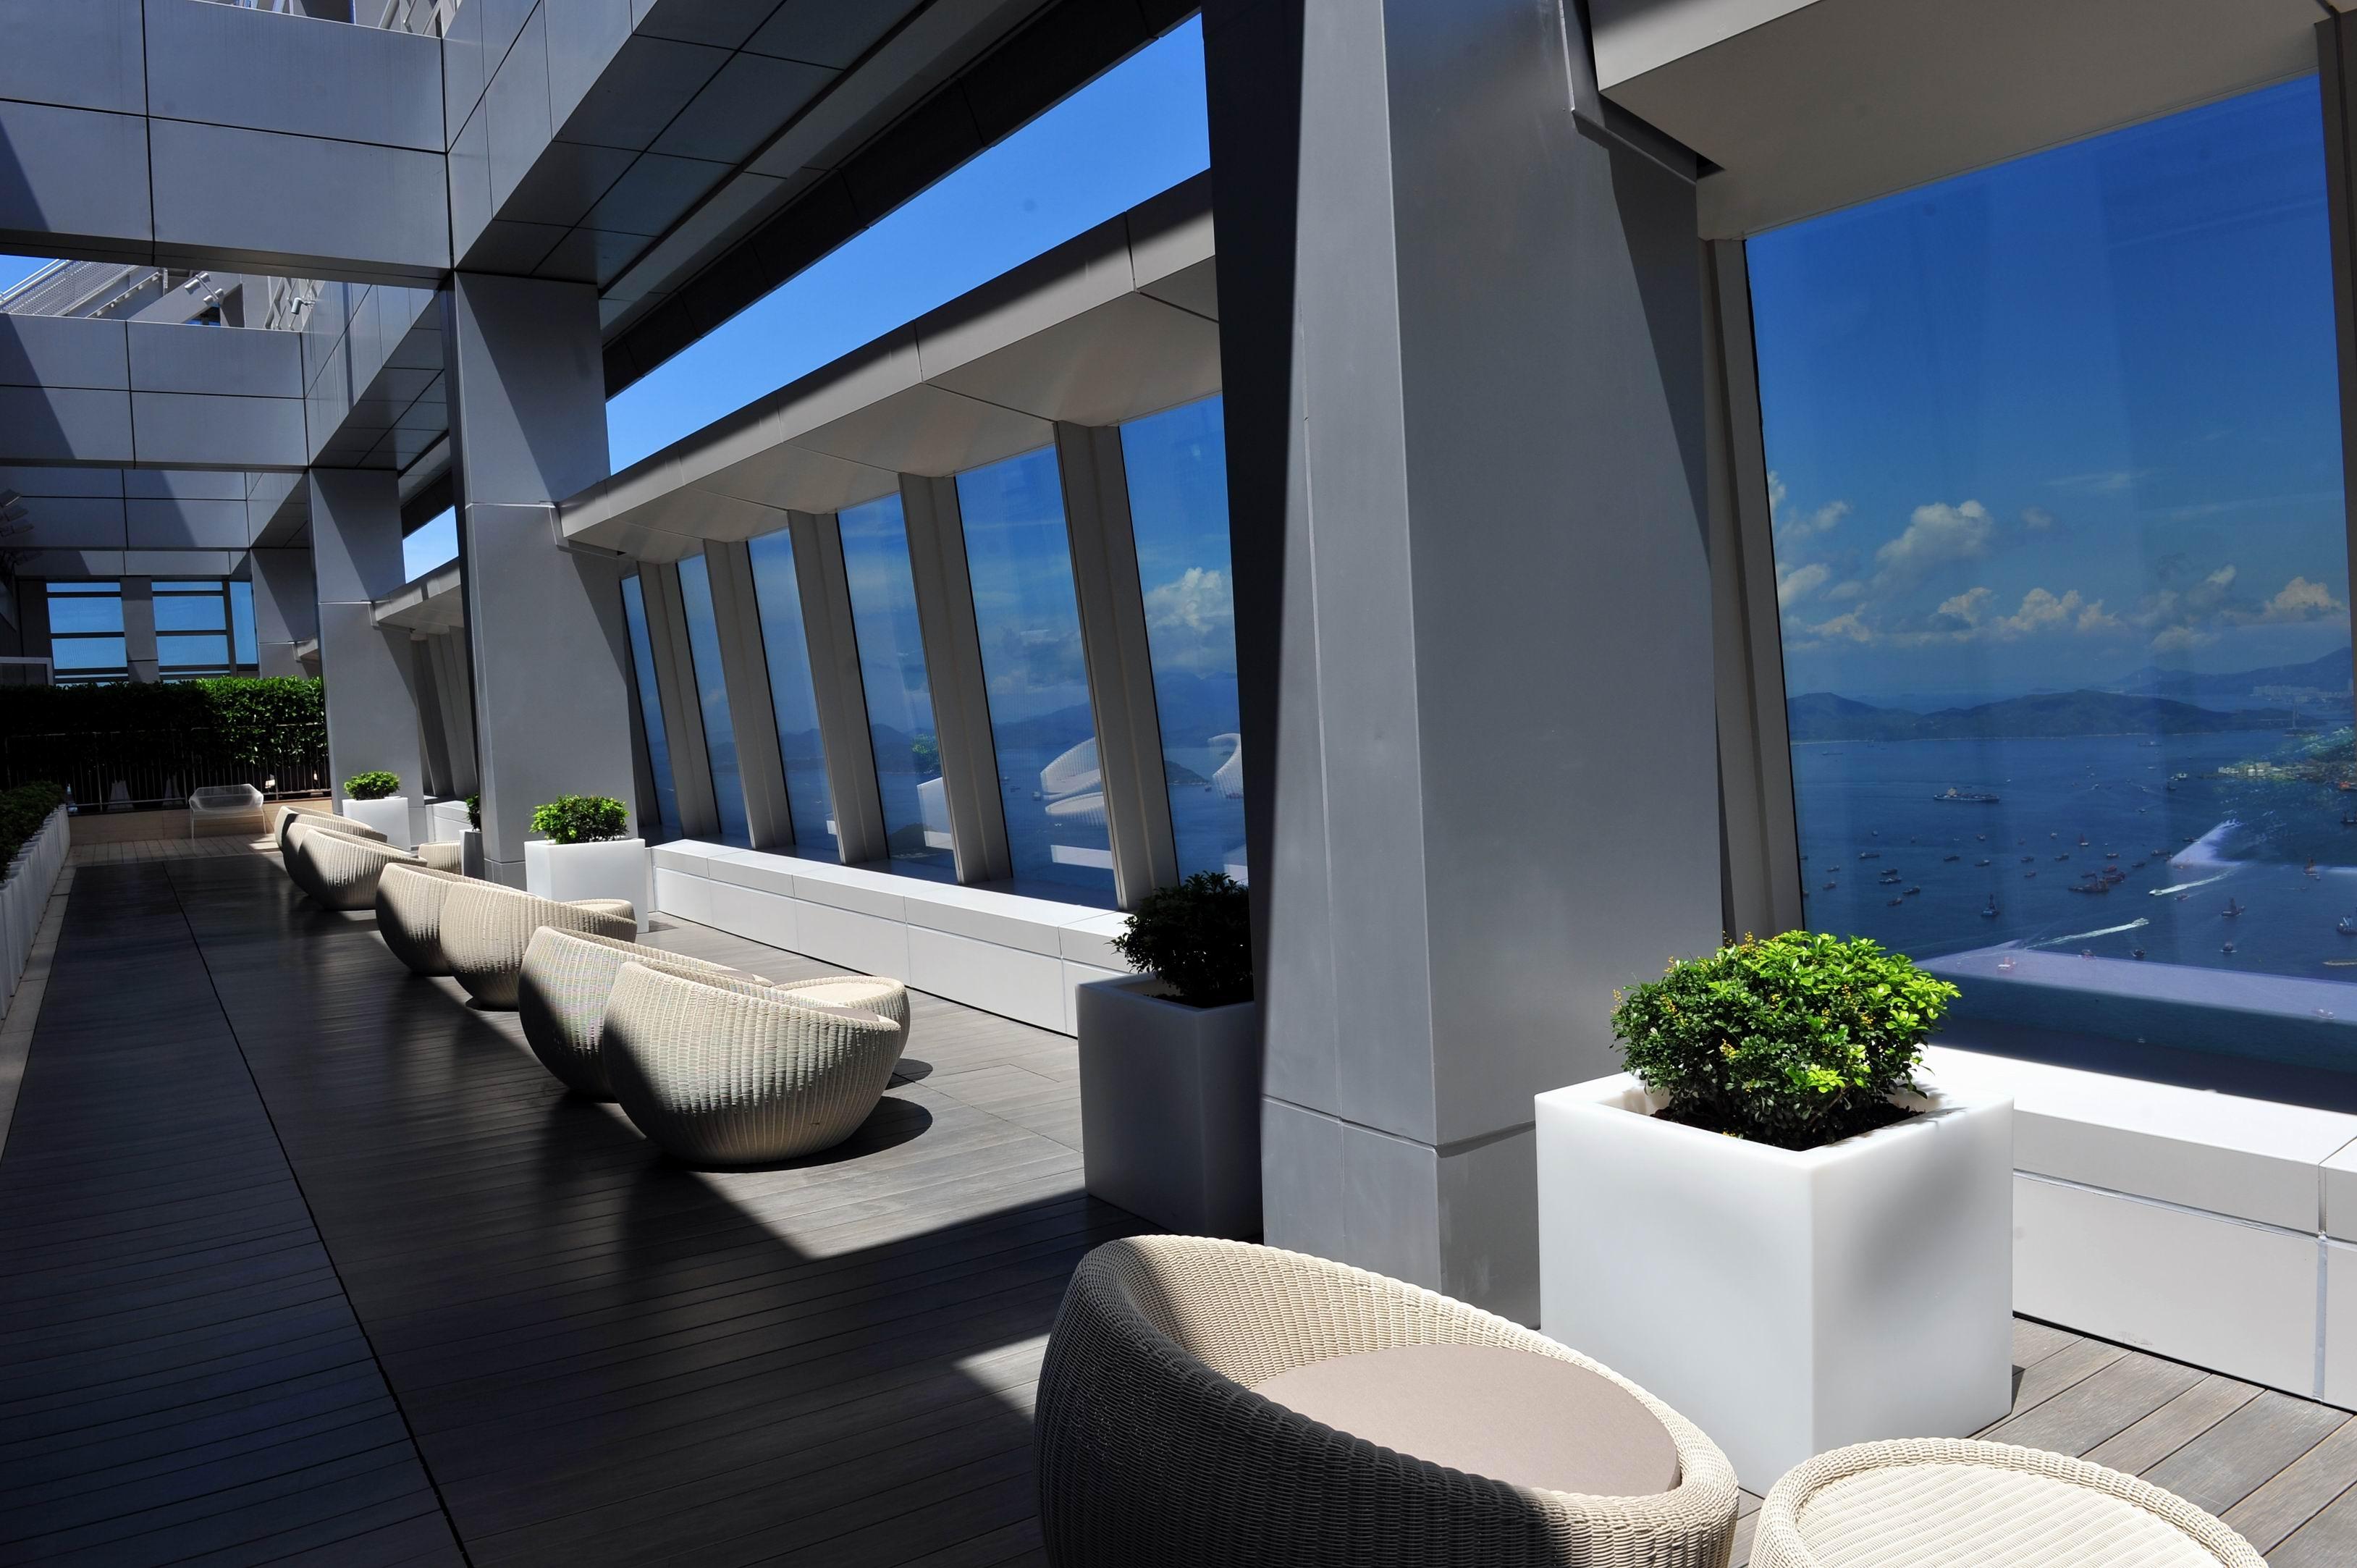 Hoteles con encanto ritz carlton habitaciones de lujo en hong kong a 490 m de altura fotos - Hoteles con encanto y piscina ...